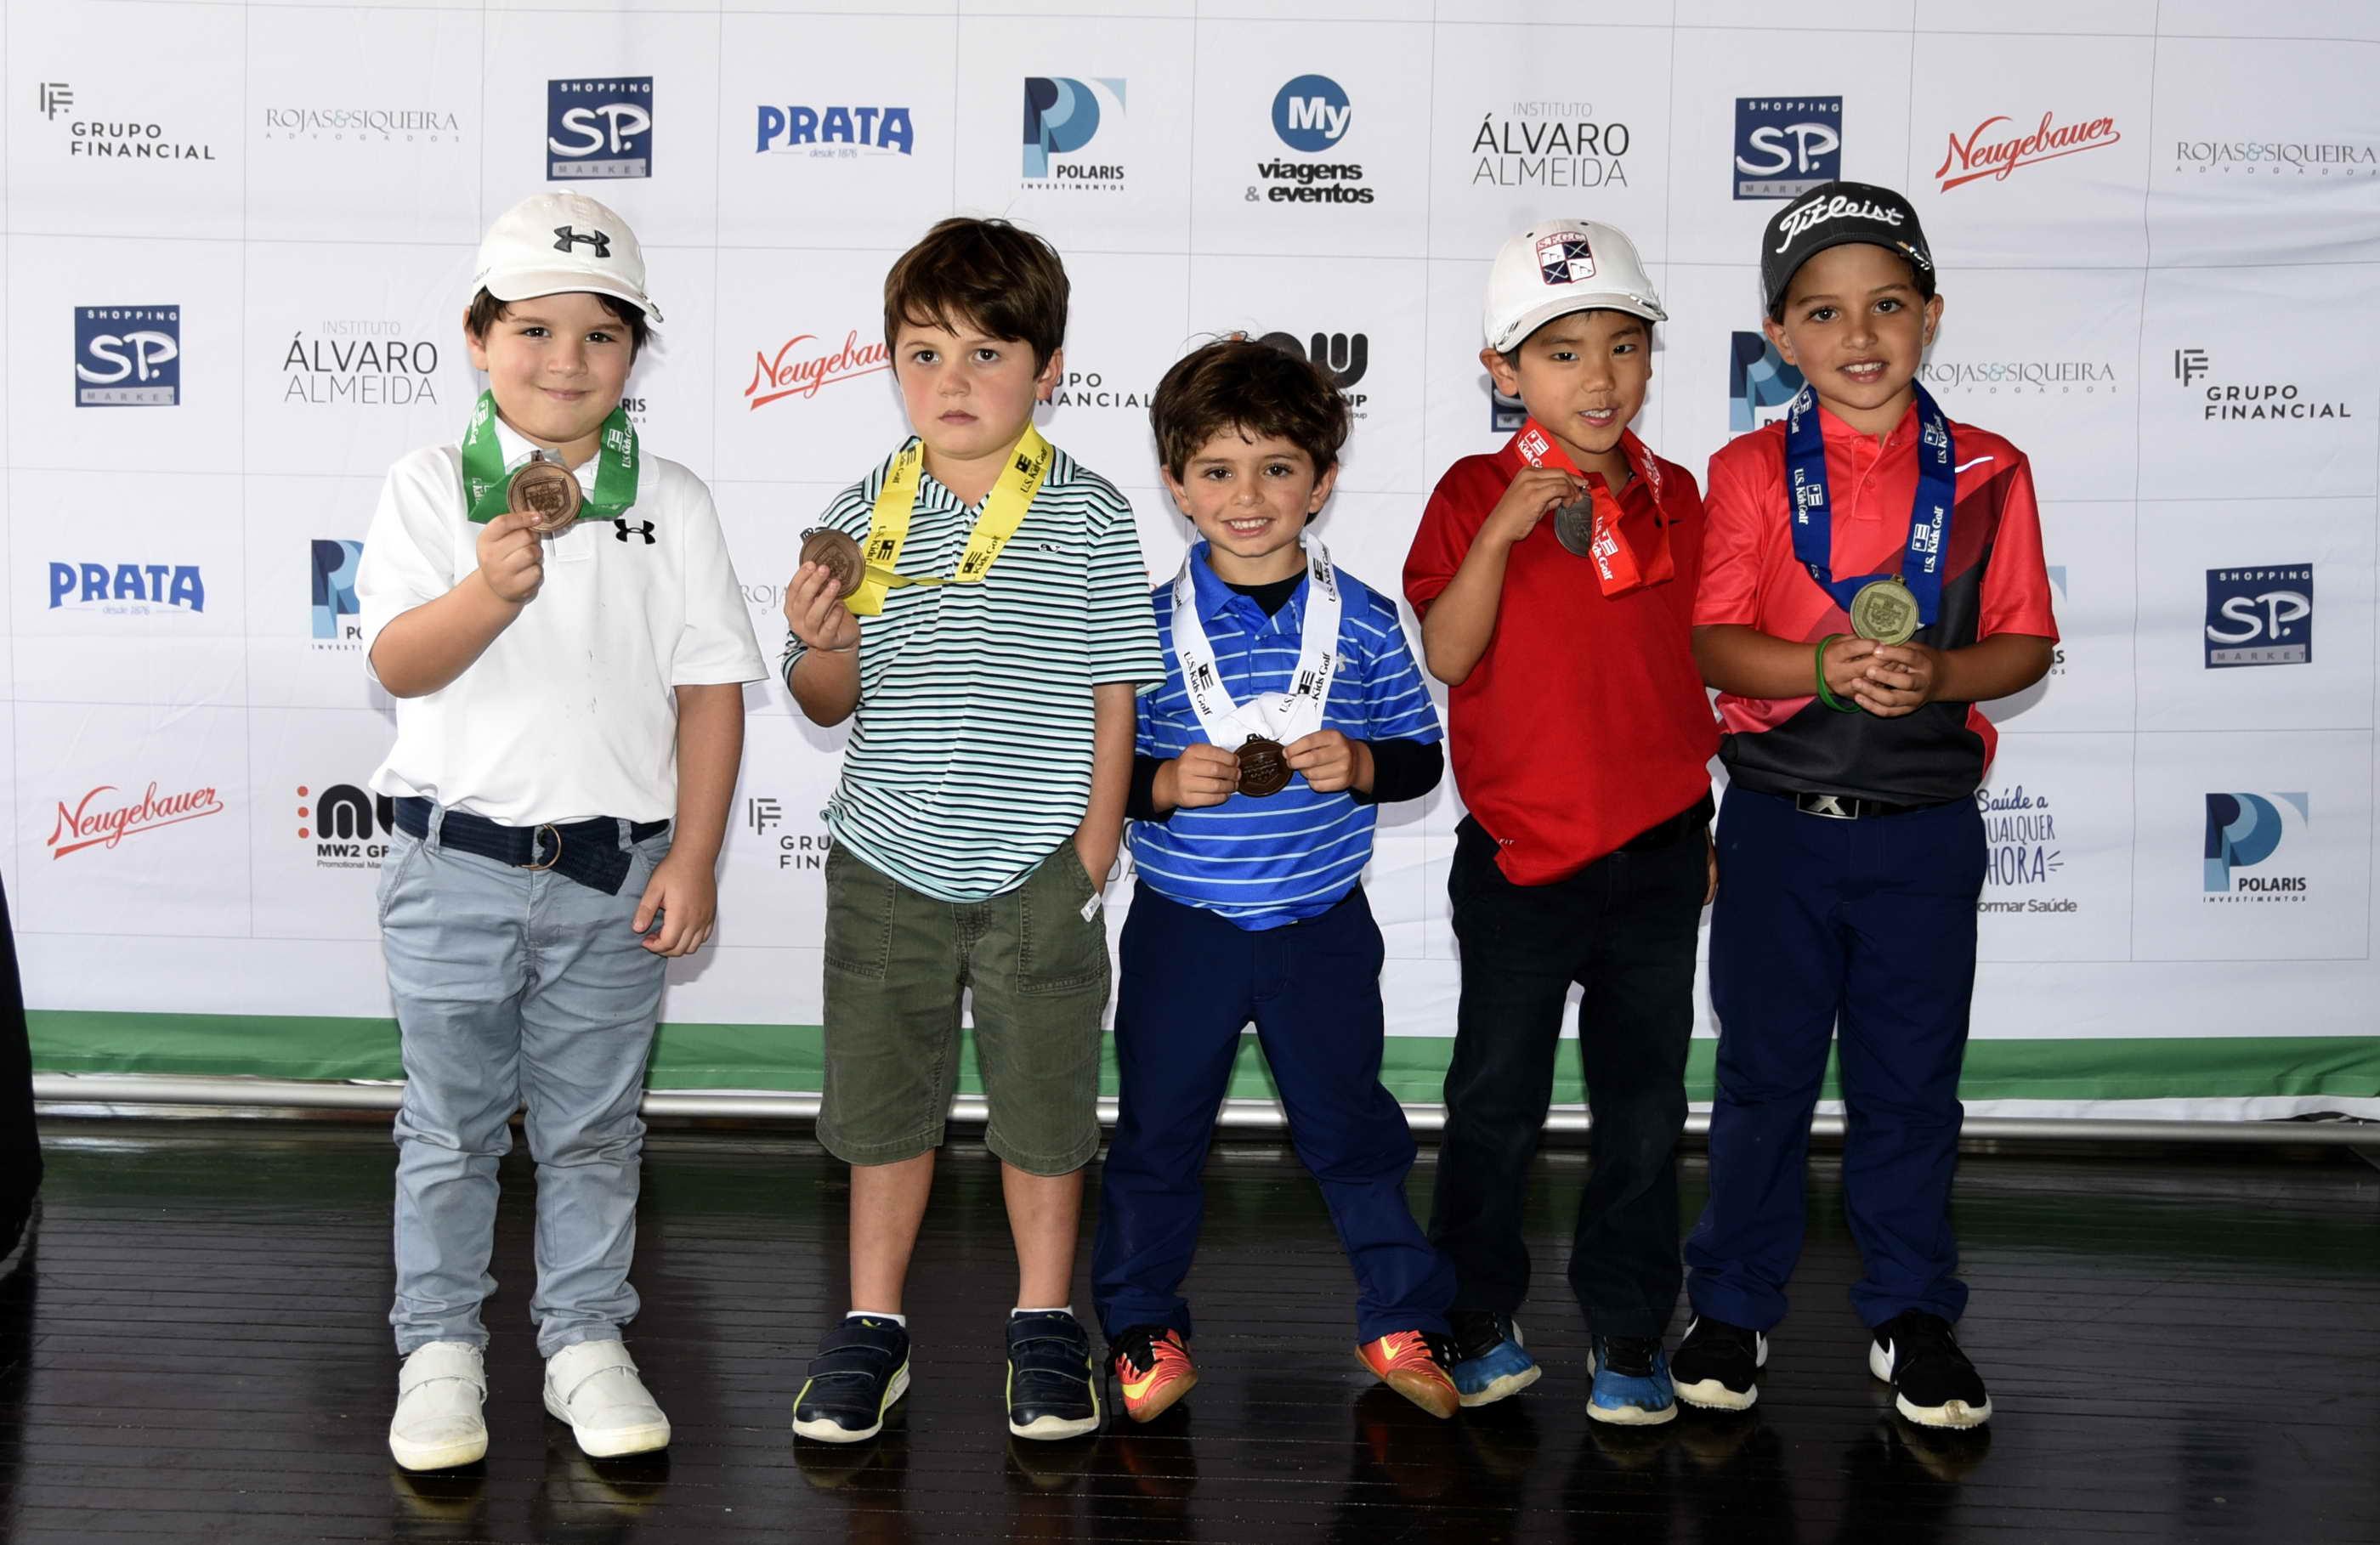 Etapa do Clube de Campo abre torneios da Primavera do Brasil Kids